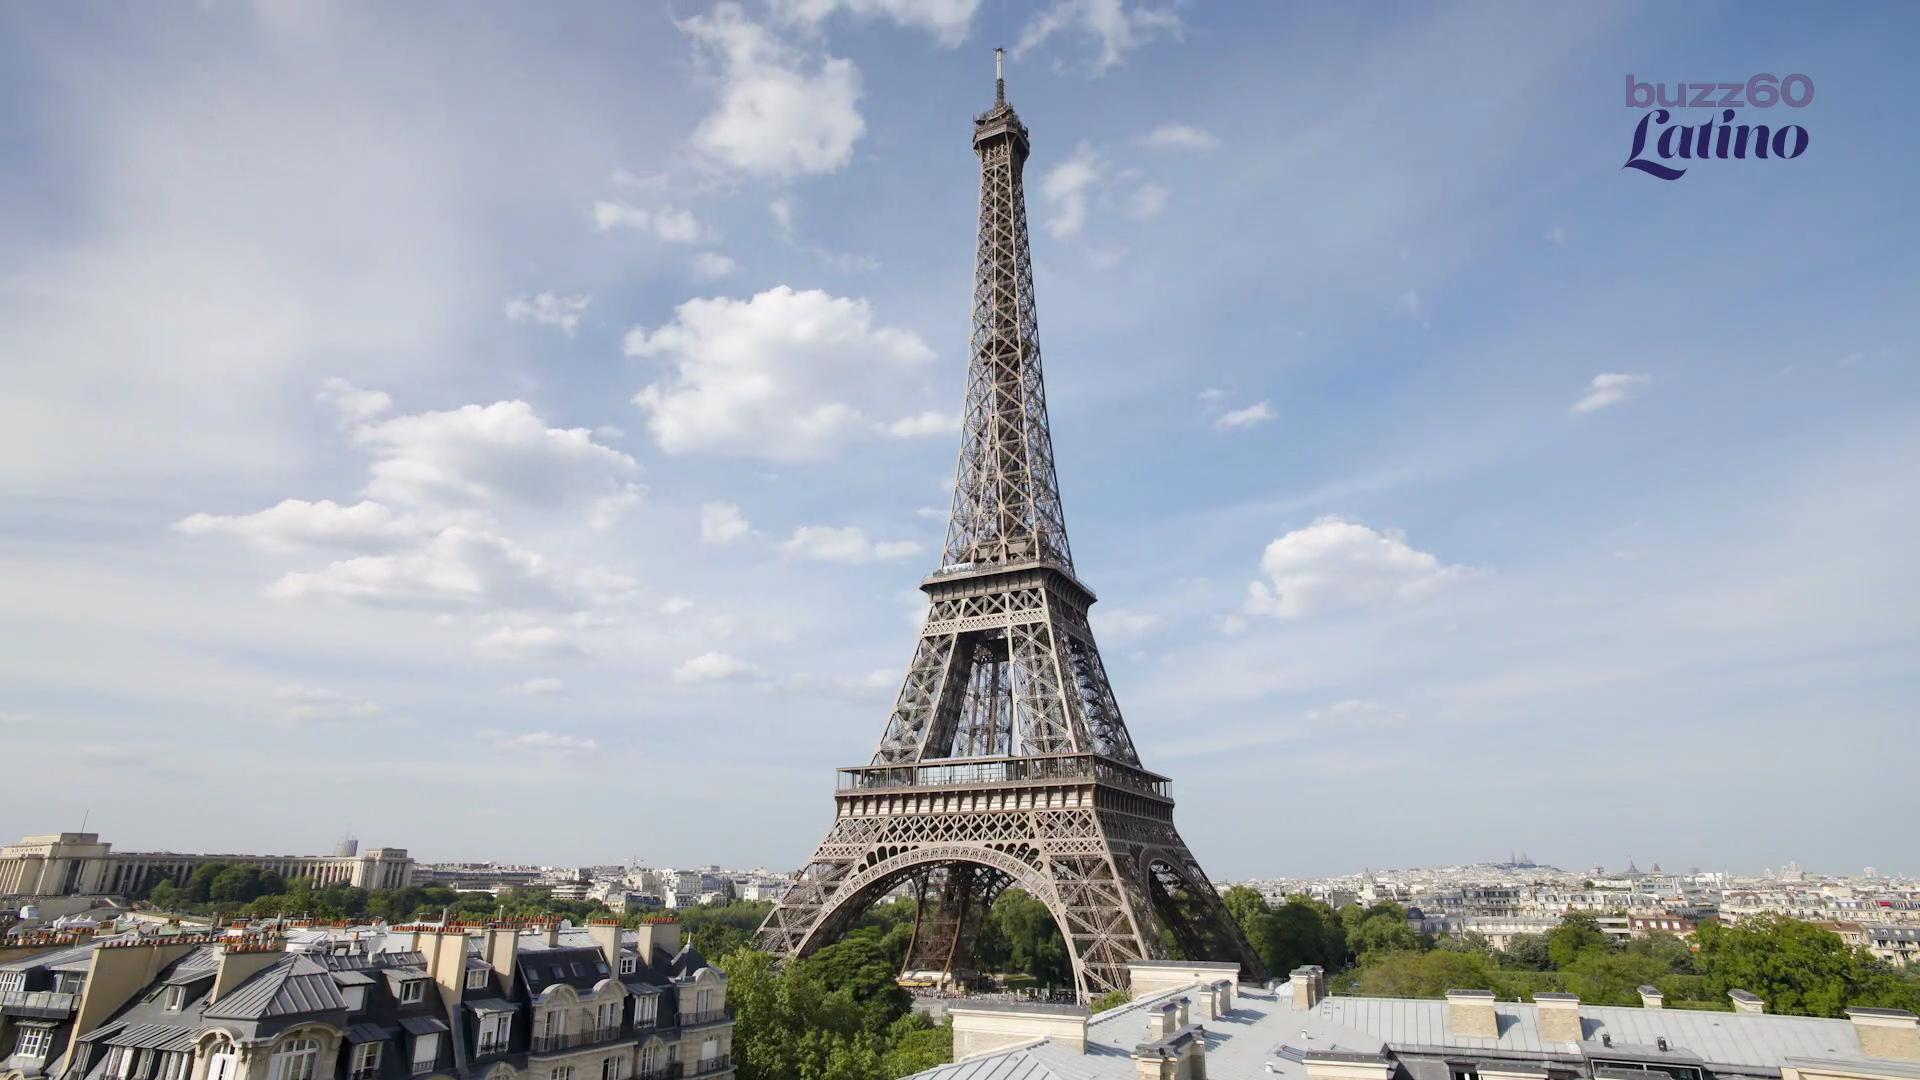 Te Sorprenderá La Lista De Los Lugares Más Fotografiados Del Mundo